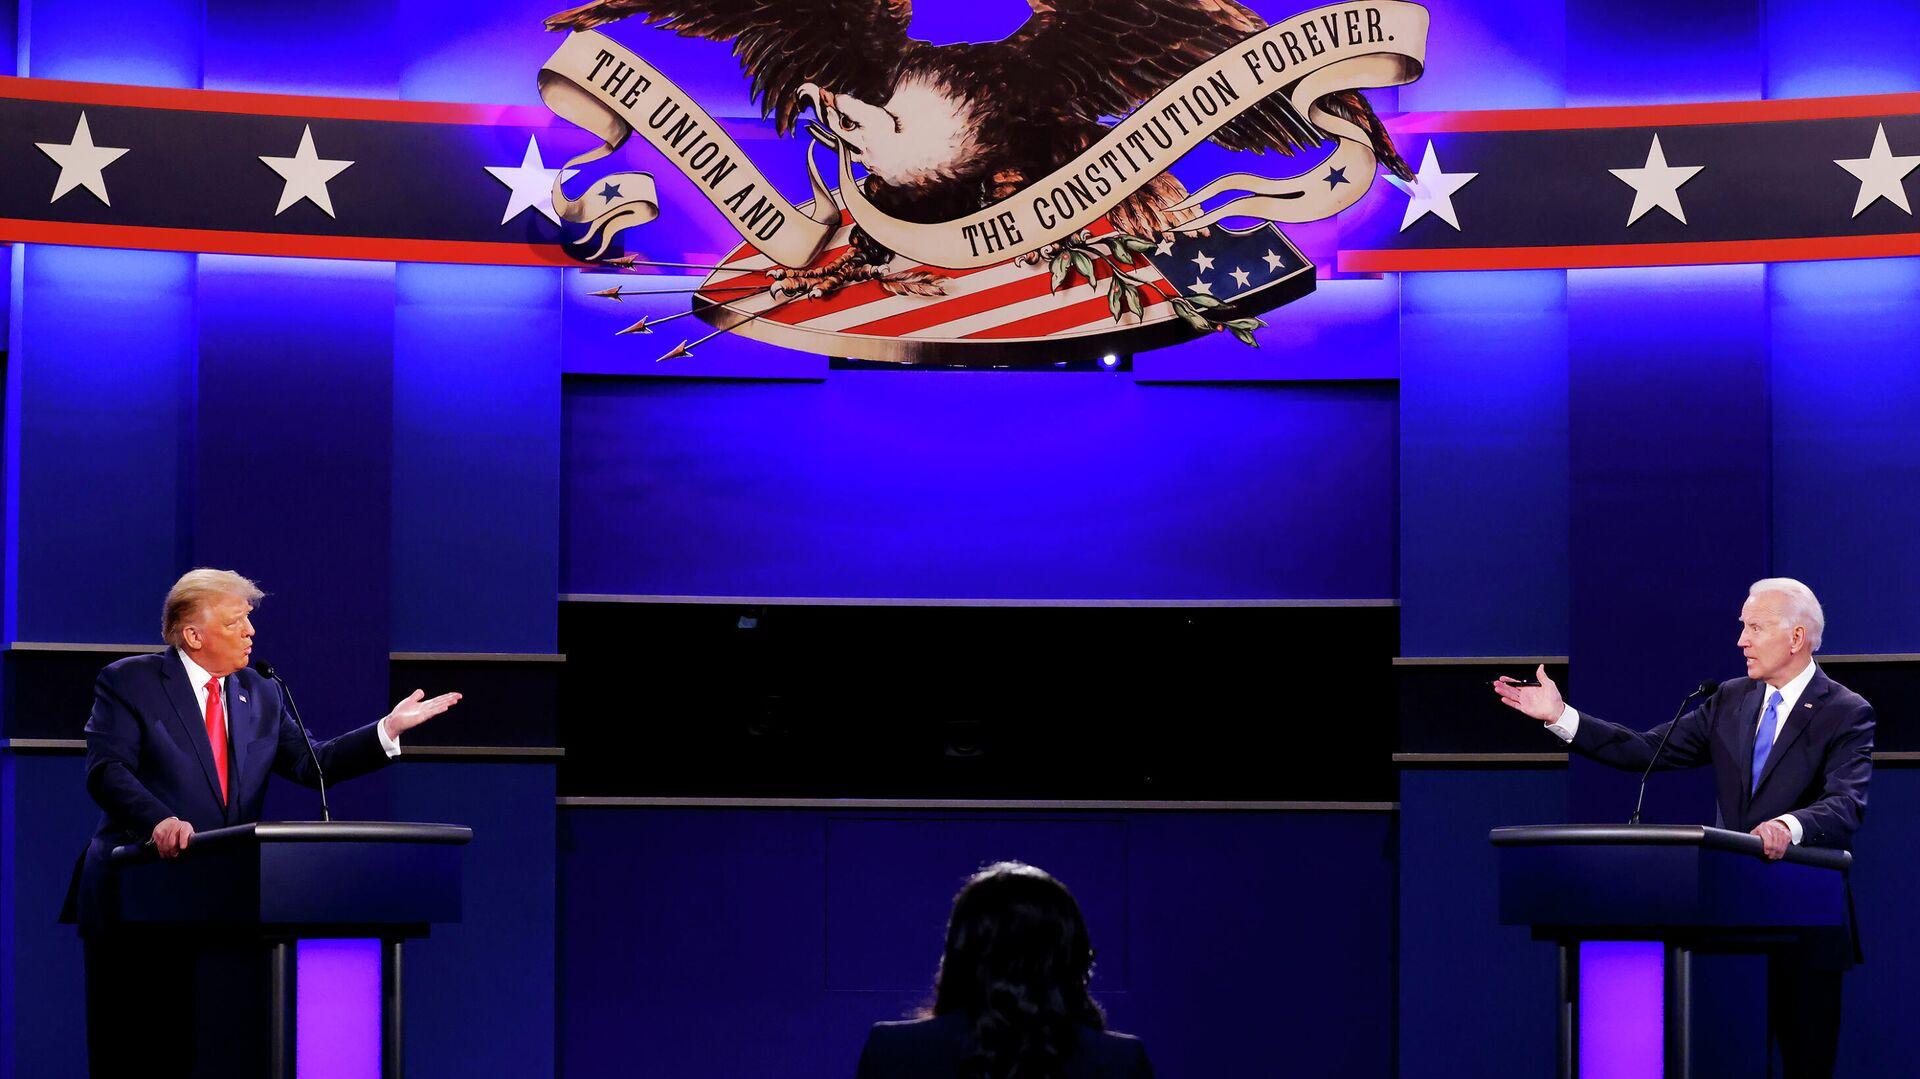 Президент США Дональд Трамп и кандидат в президенты США от Демократической партии Джо Байден во время финальных дебатов в Нэшвилле - РИА Новости, 1920, 29.10.2020